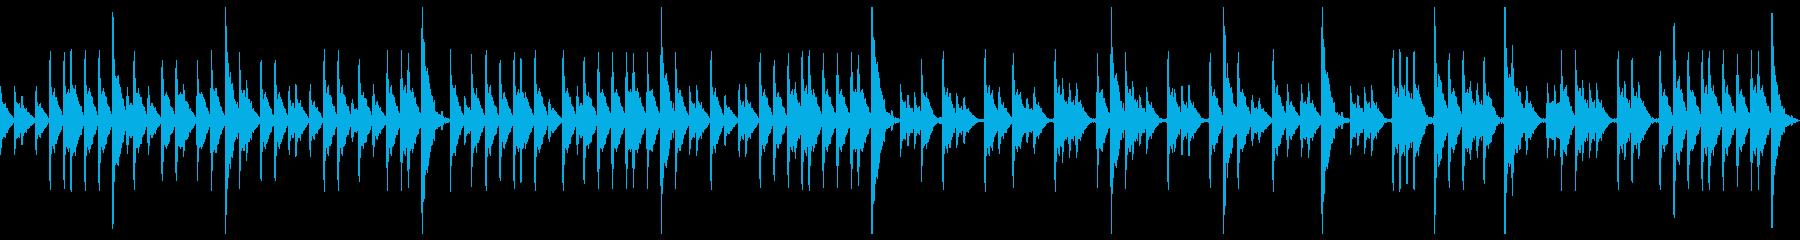 締太鼓ソロ アップ1の再生済みの波形